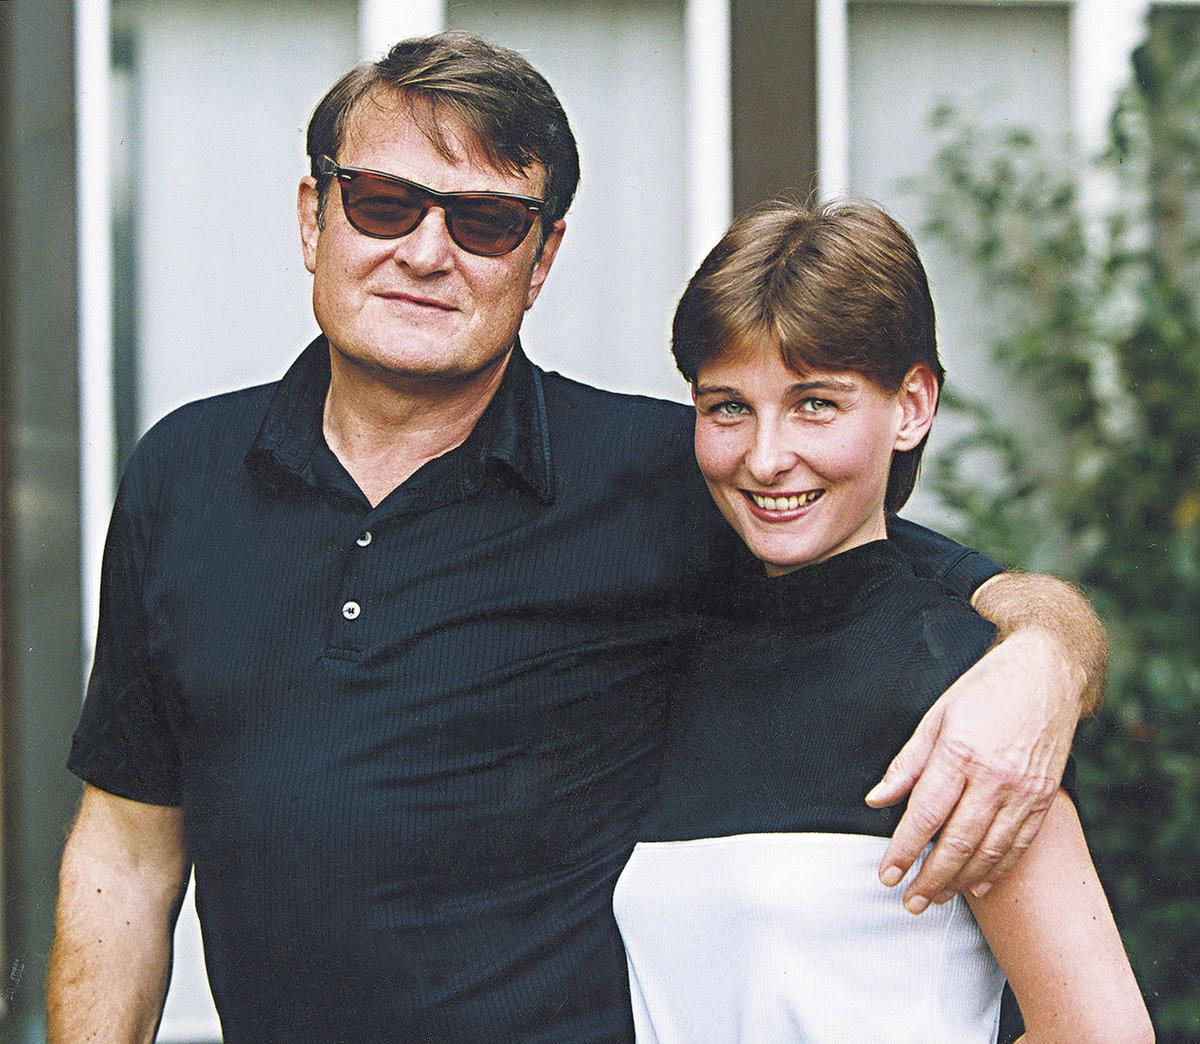 2001 - Ladislav Štaidl s expartnerkou Míšou Novotnou krátce po seznámení